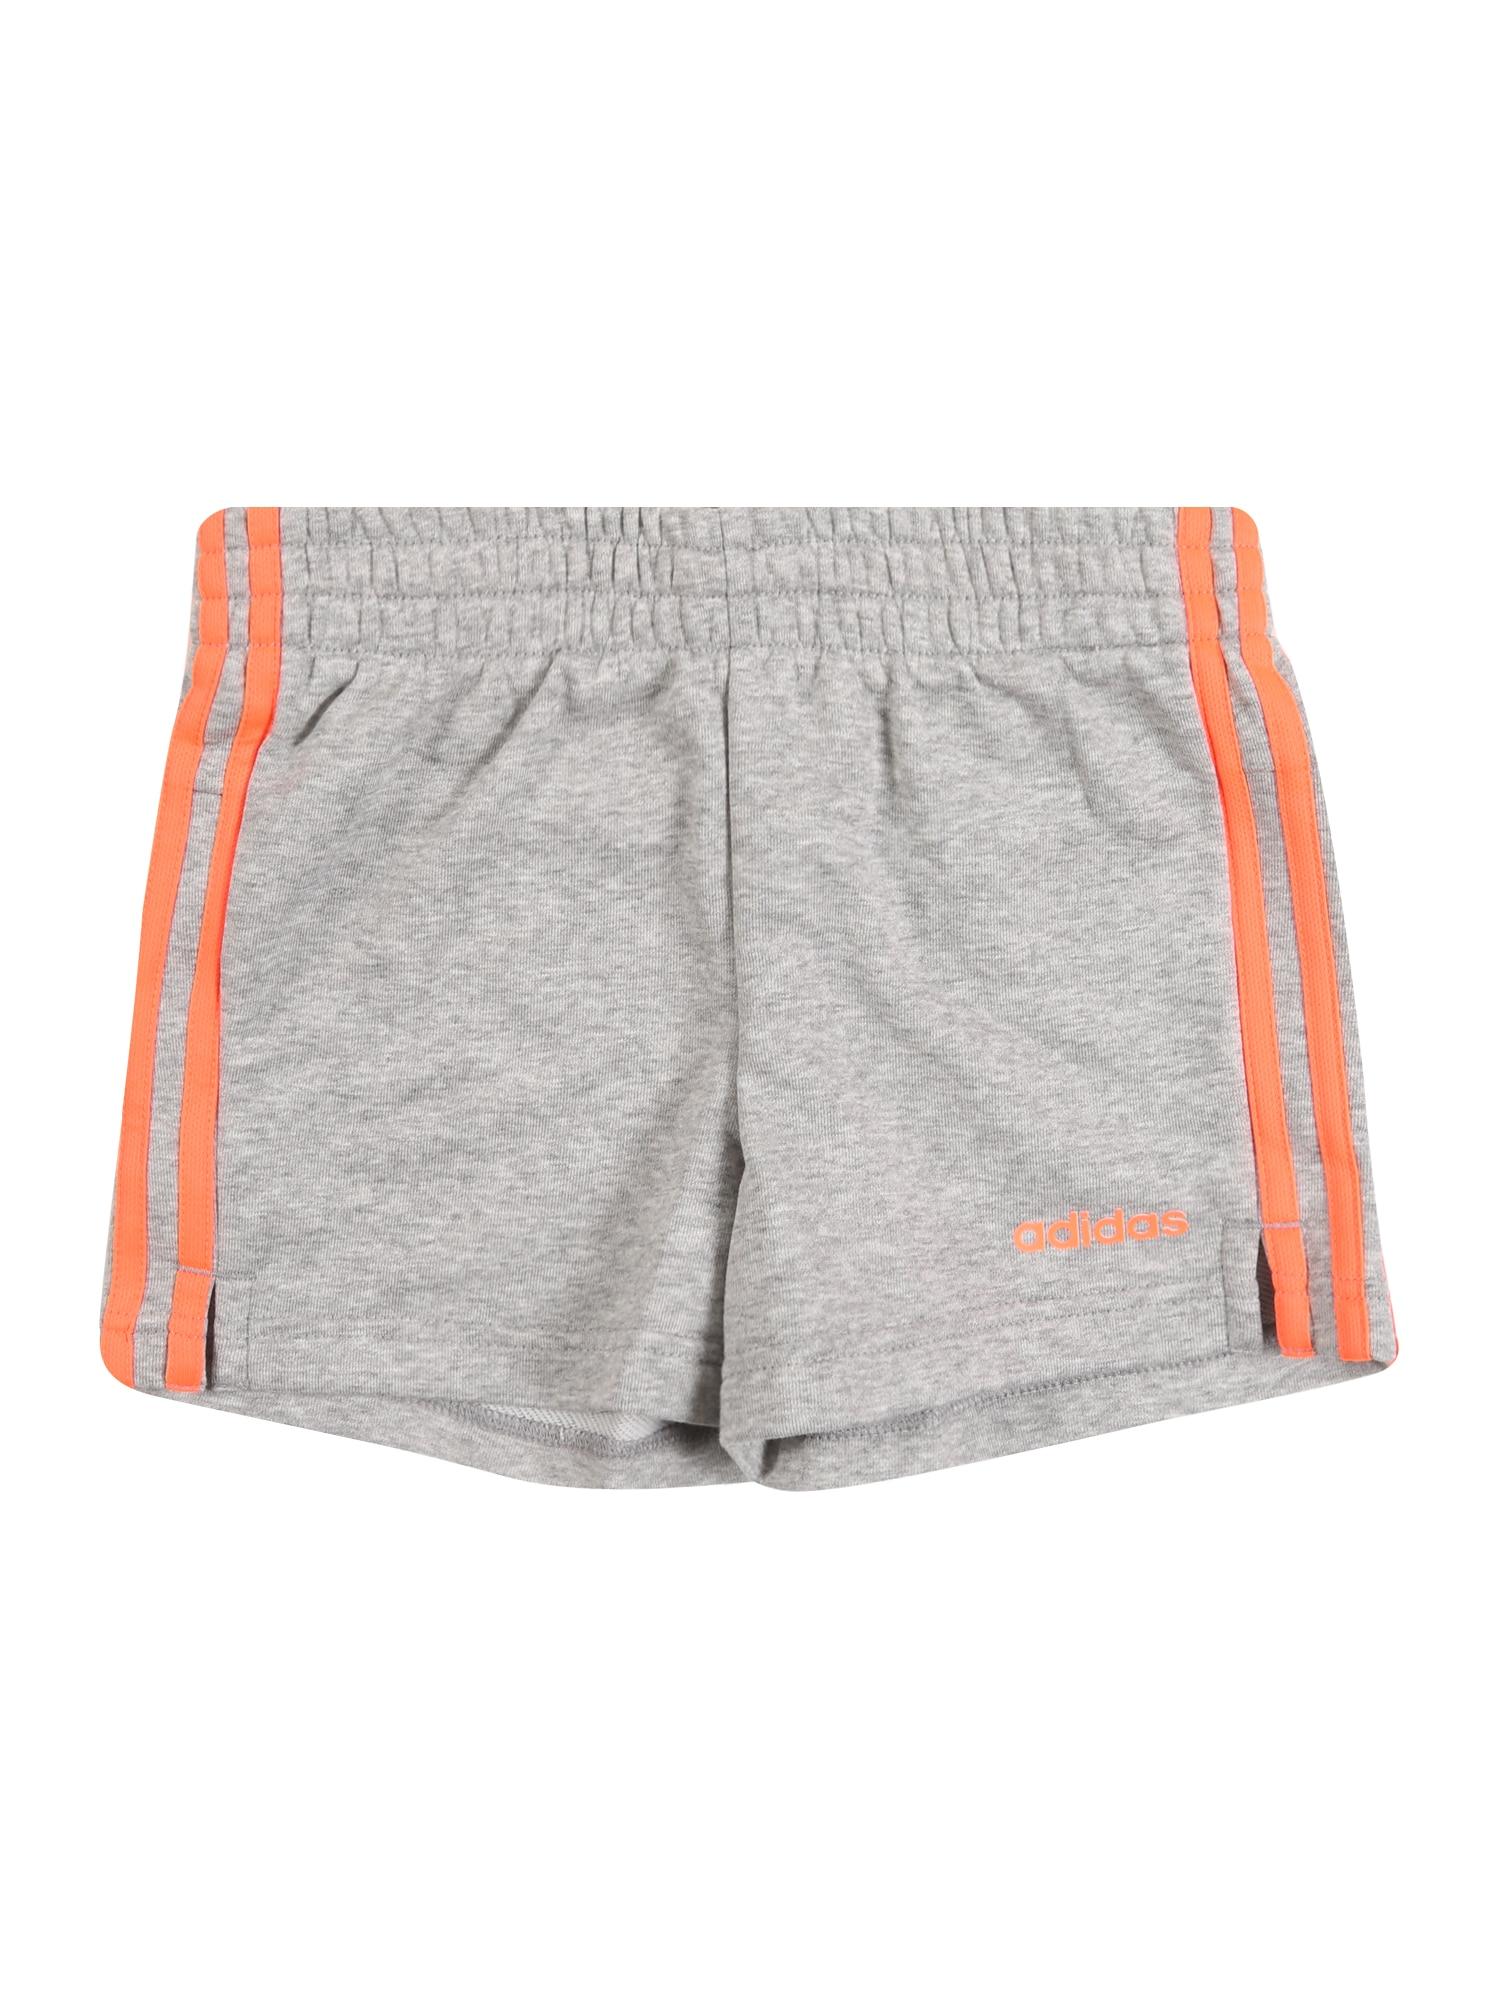 ADIDAS PERFORMANCE Sportinės kelnės 'Short' pilka